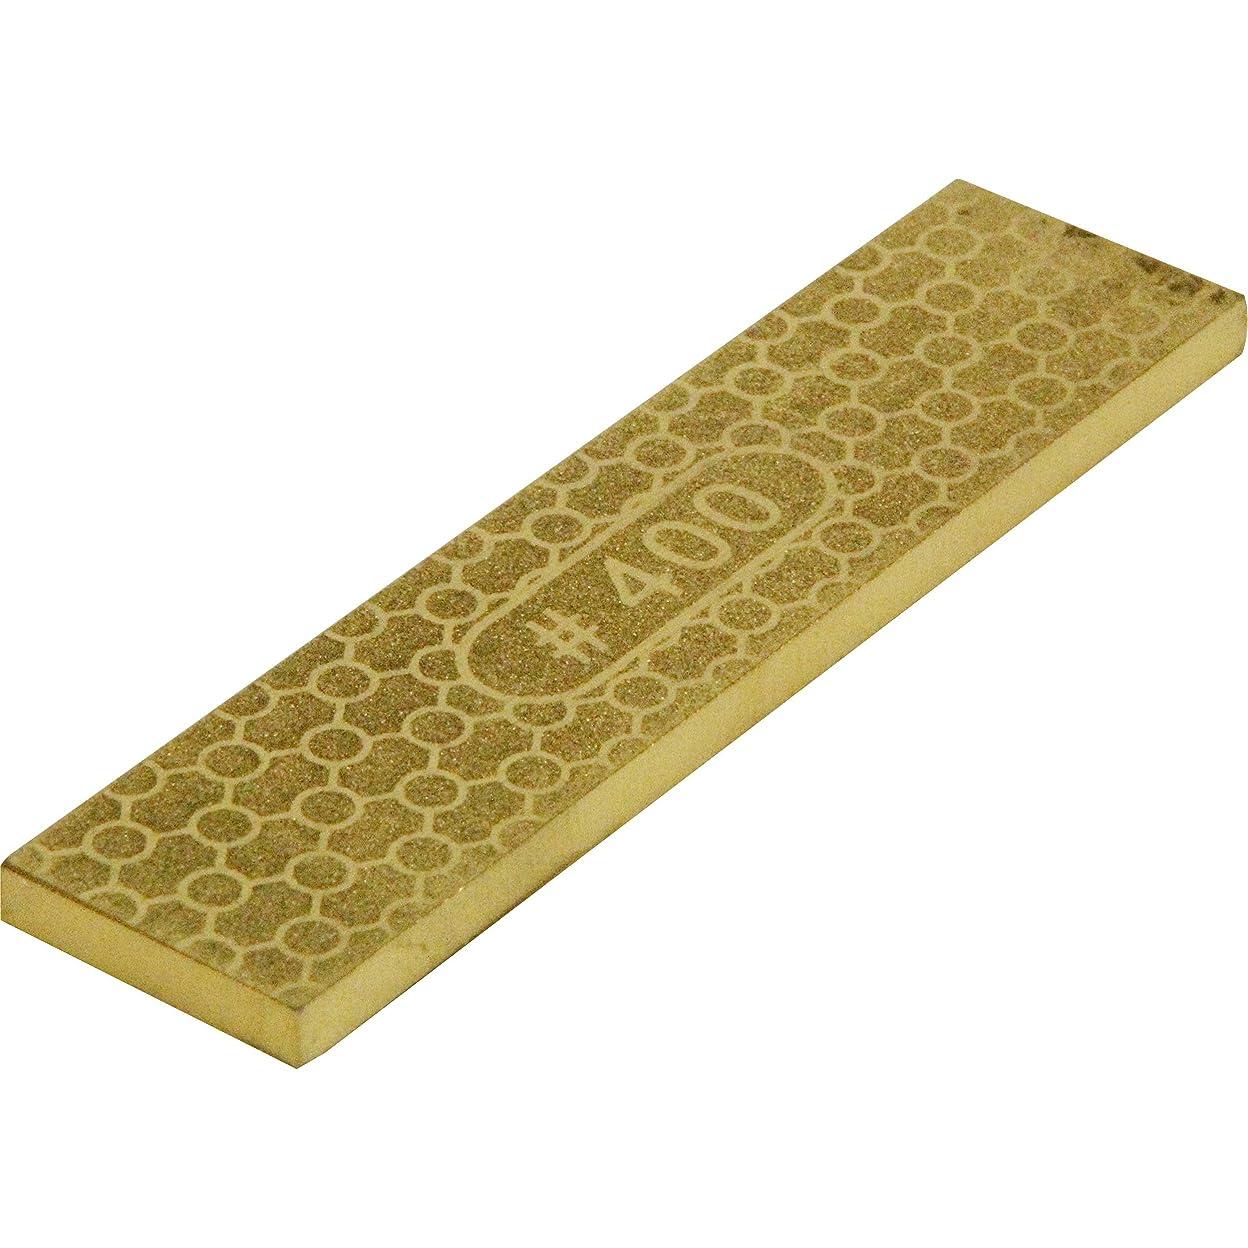 避けられないパニックまろやかなSK11 両面ダイヤモンドプレート GOLD #400 #1000 25×100×5mm